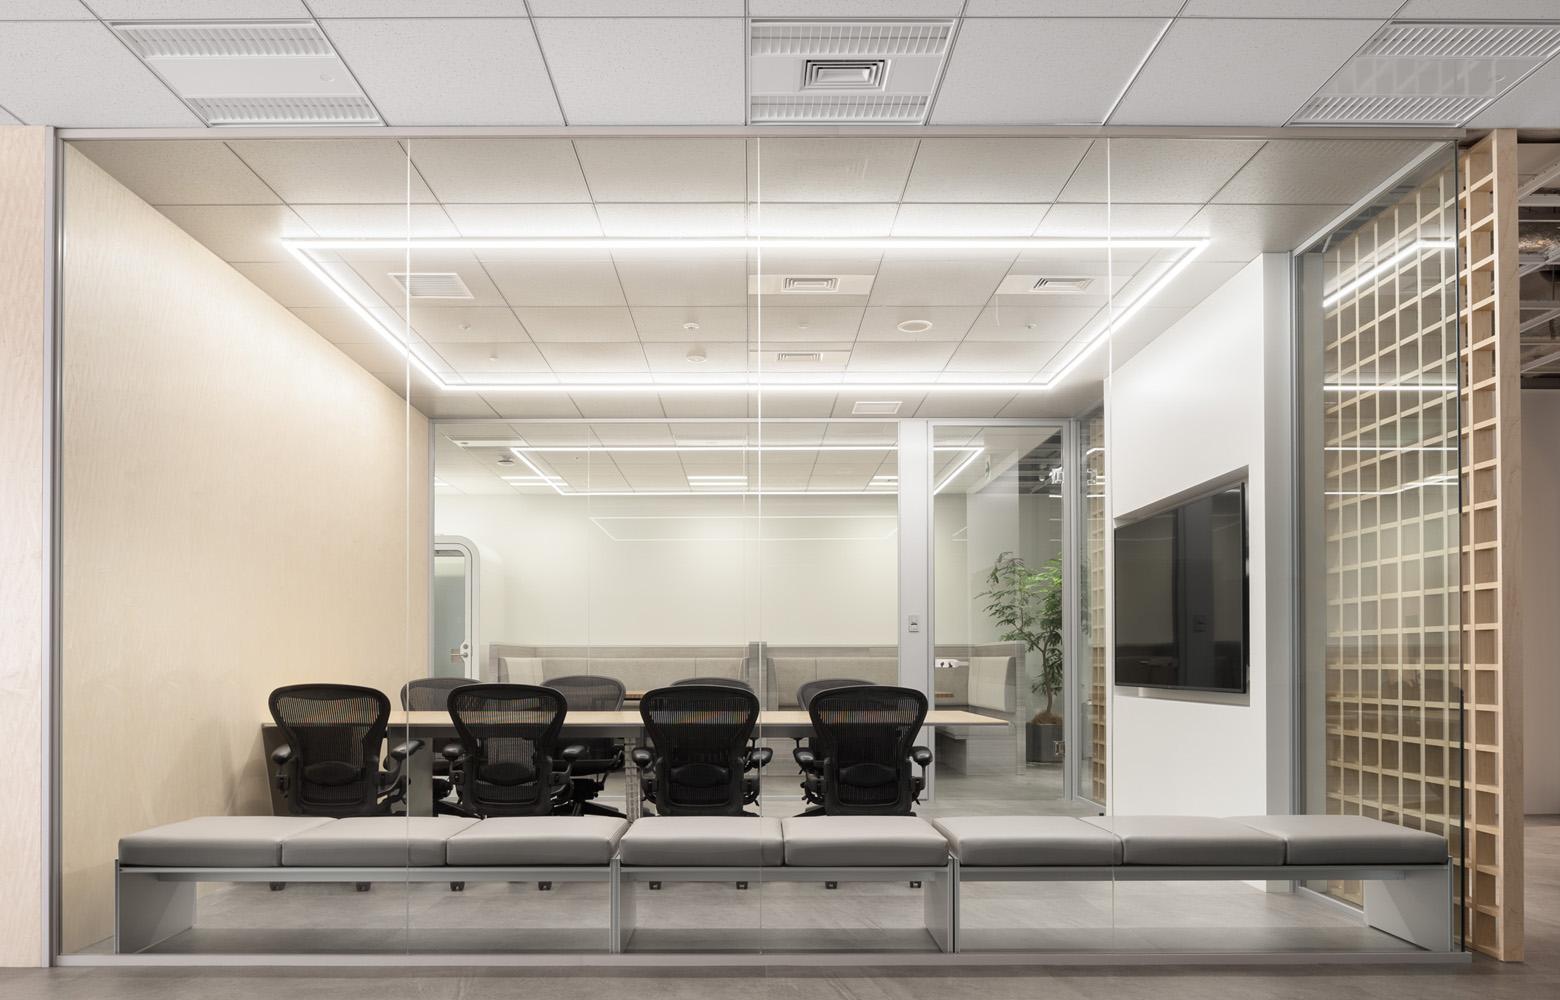 京未来株式会社 Meeting Room デザイン・レイアウト事例